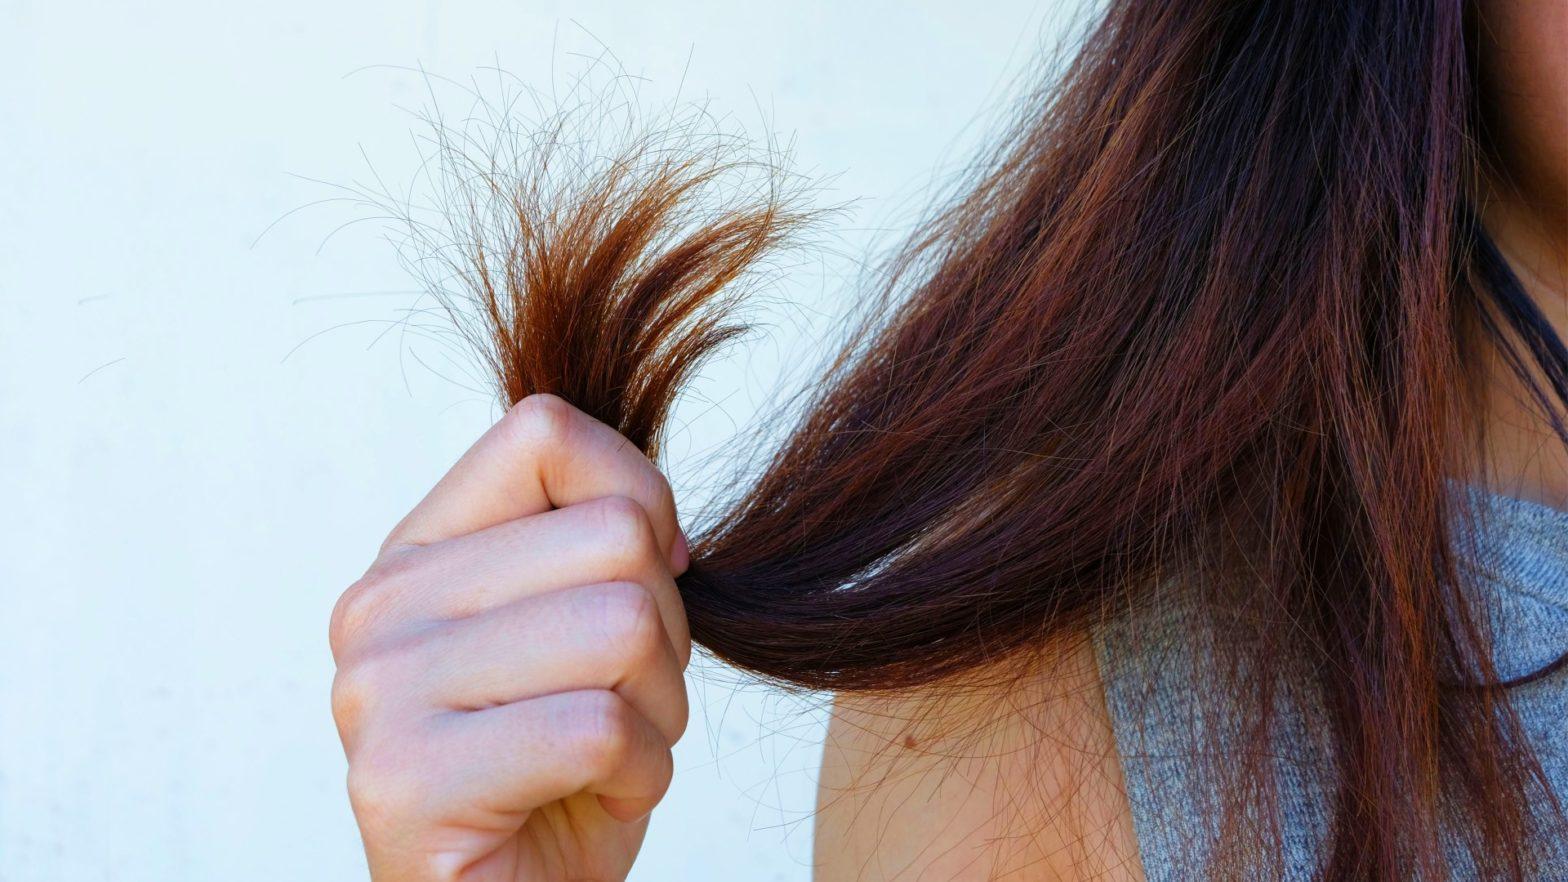 Mulher segurando as pontas do cabelo ressecado